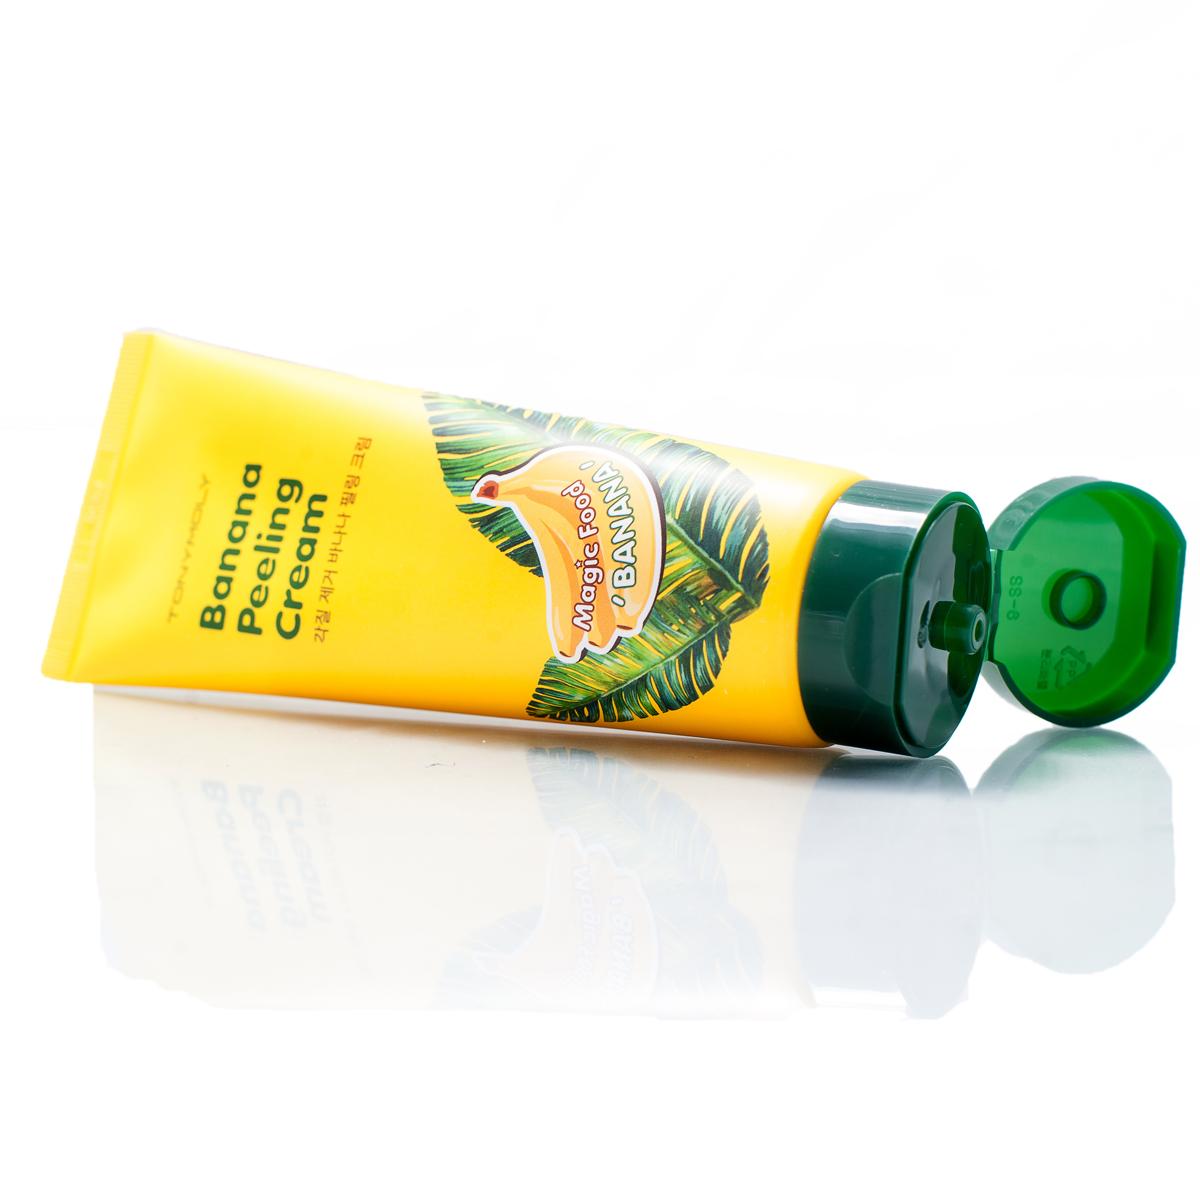 TonyMoly Пилинг-крем для лица с экстрактом банана Magic Food Banana Peeling Cream, 150 мл (Tonymoly)